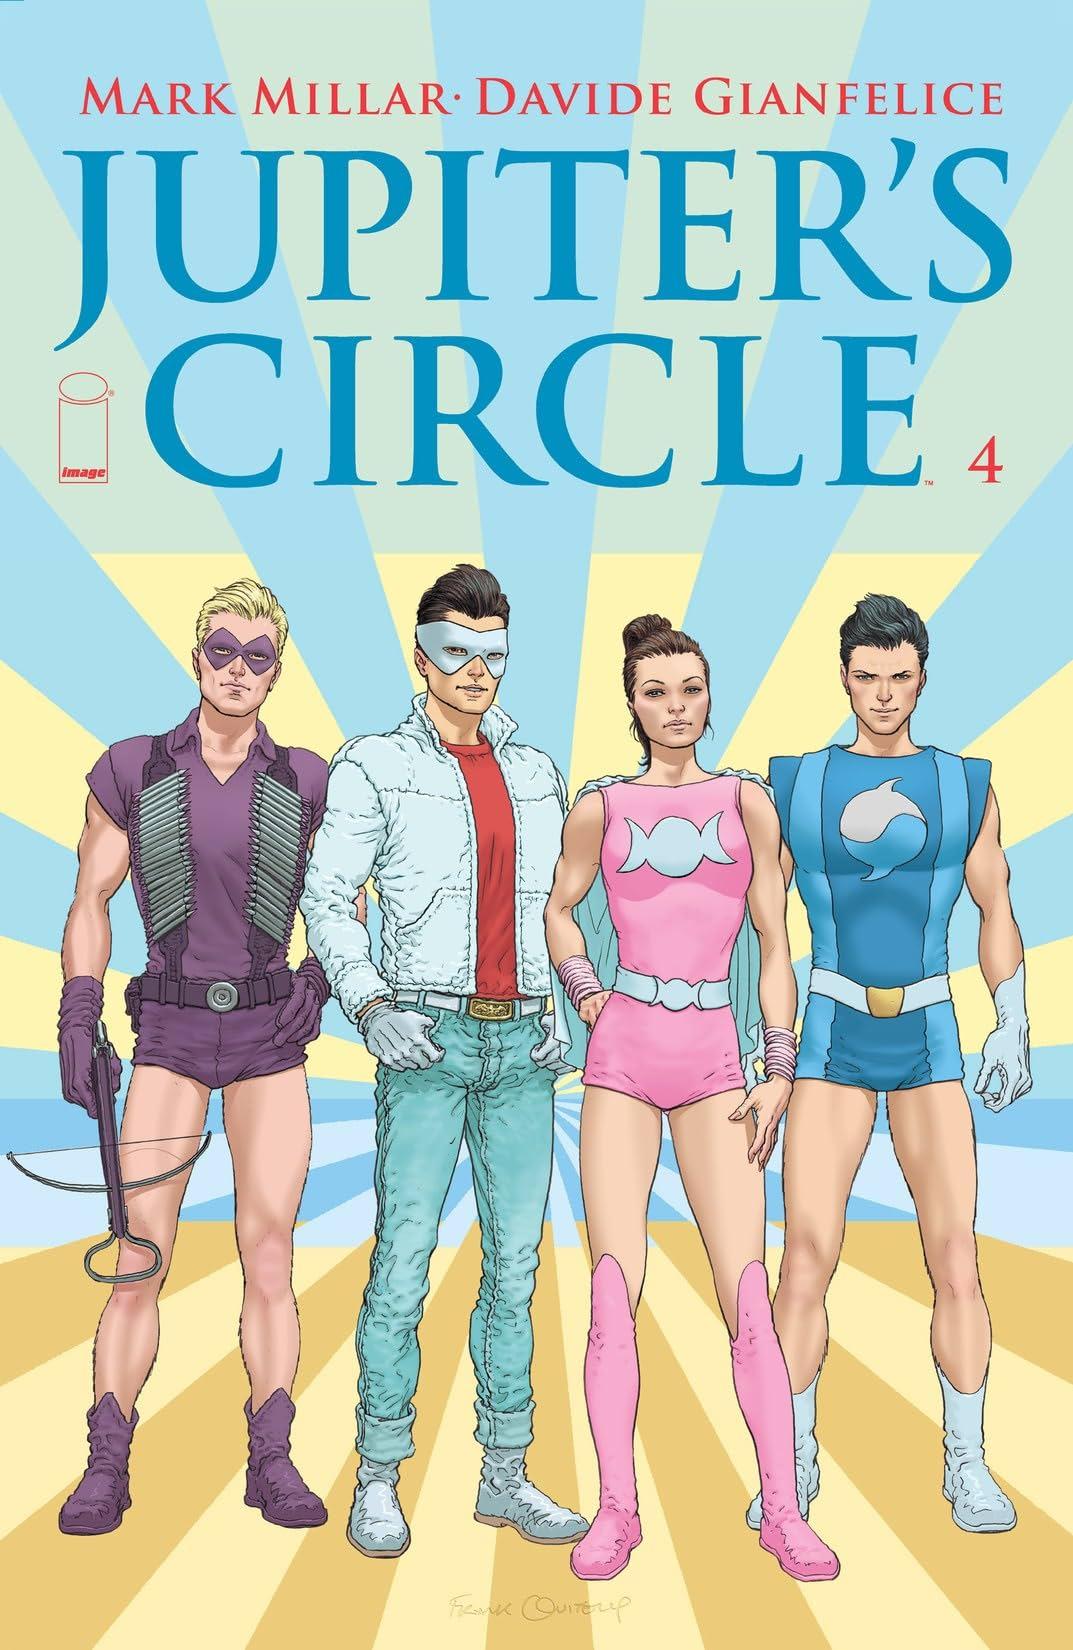 Jupiter's Circle #4